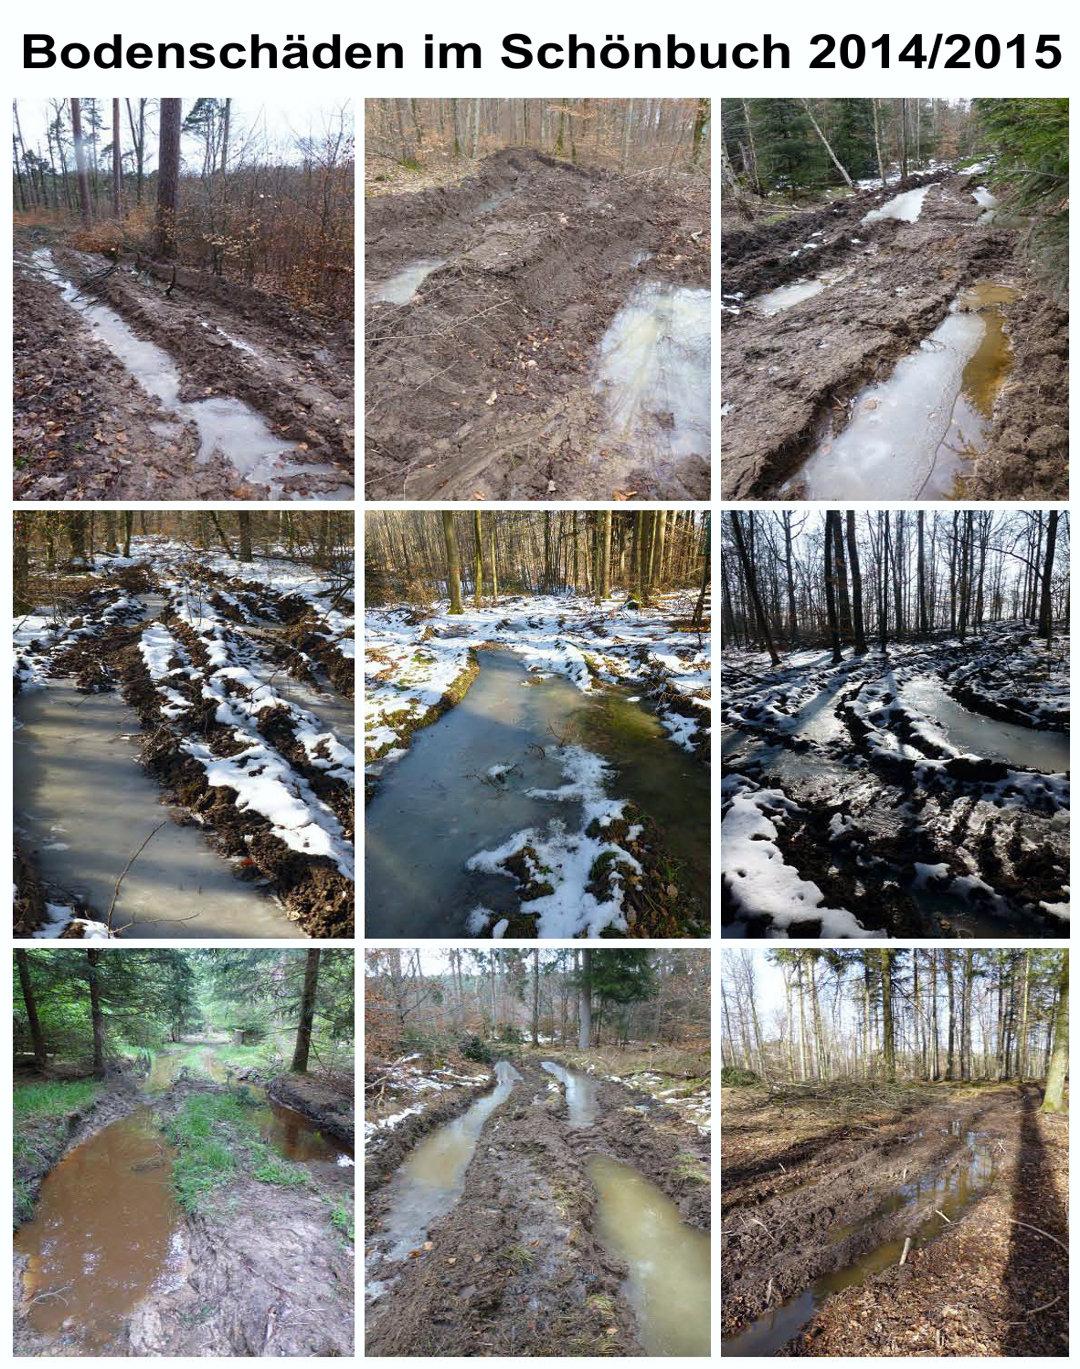 Beispiele für Bodenschäden im Schönbuch 2014-2015-1